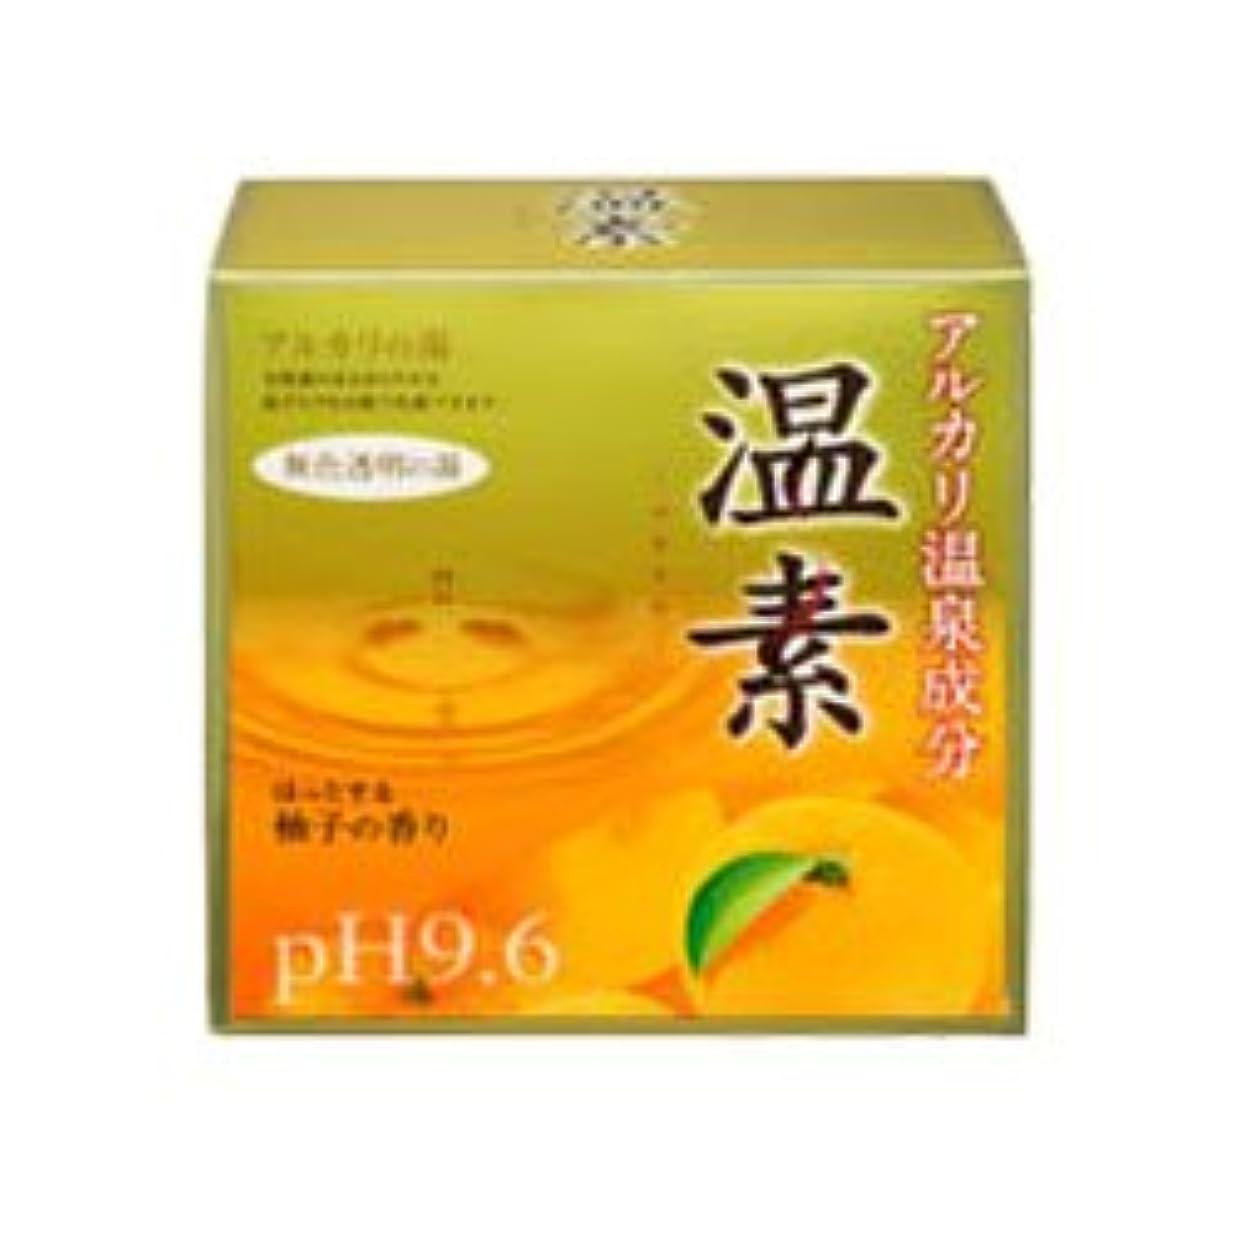 批判的にそれにもかかわらず怒って【アース製薬】温素 柚子の香り 30g×15包 ×20個セット